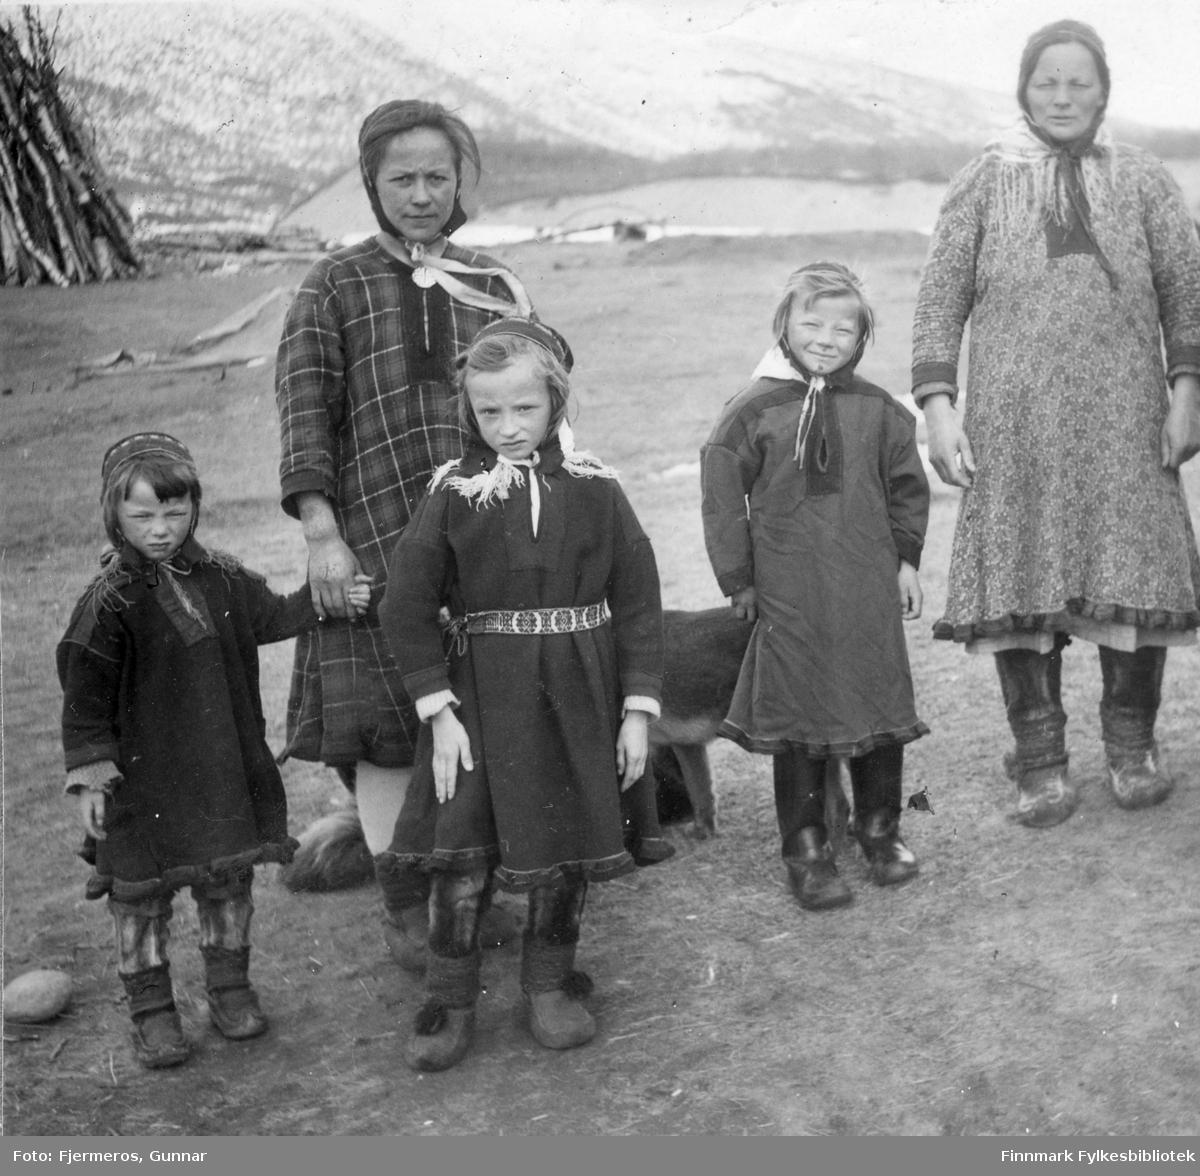 To kvinner og tre jenter (Guttorm familien) fotografert ved Levajok gieddi (Mikkelsen). Alle er kledt i sameklær og en hund står delvis skjult bak dem.